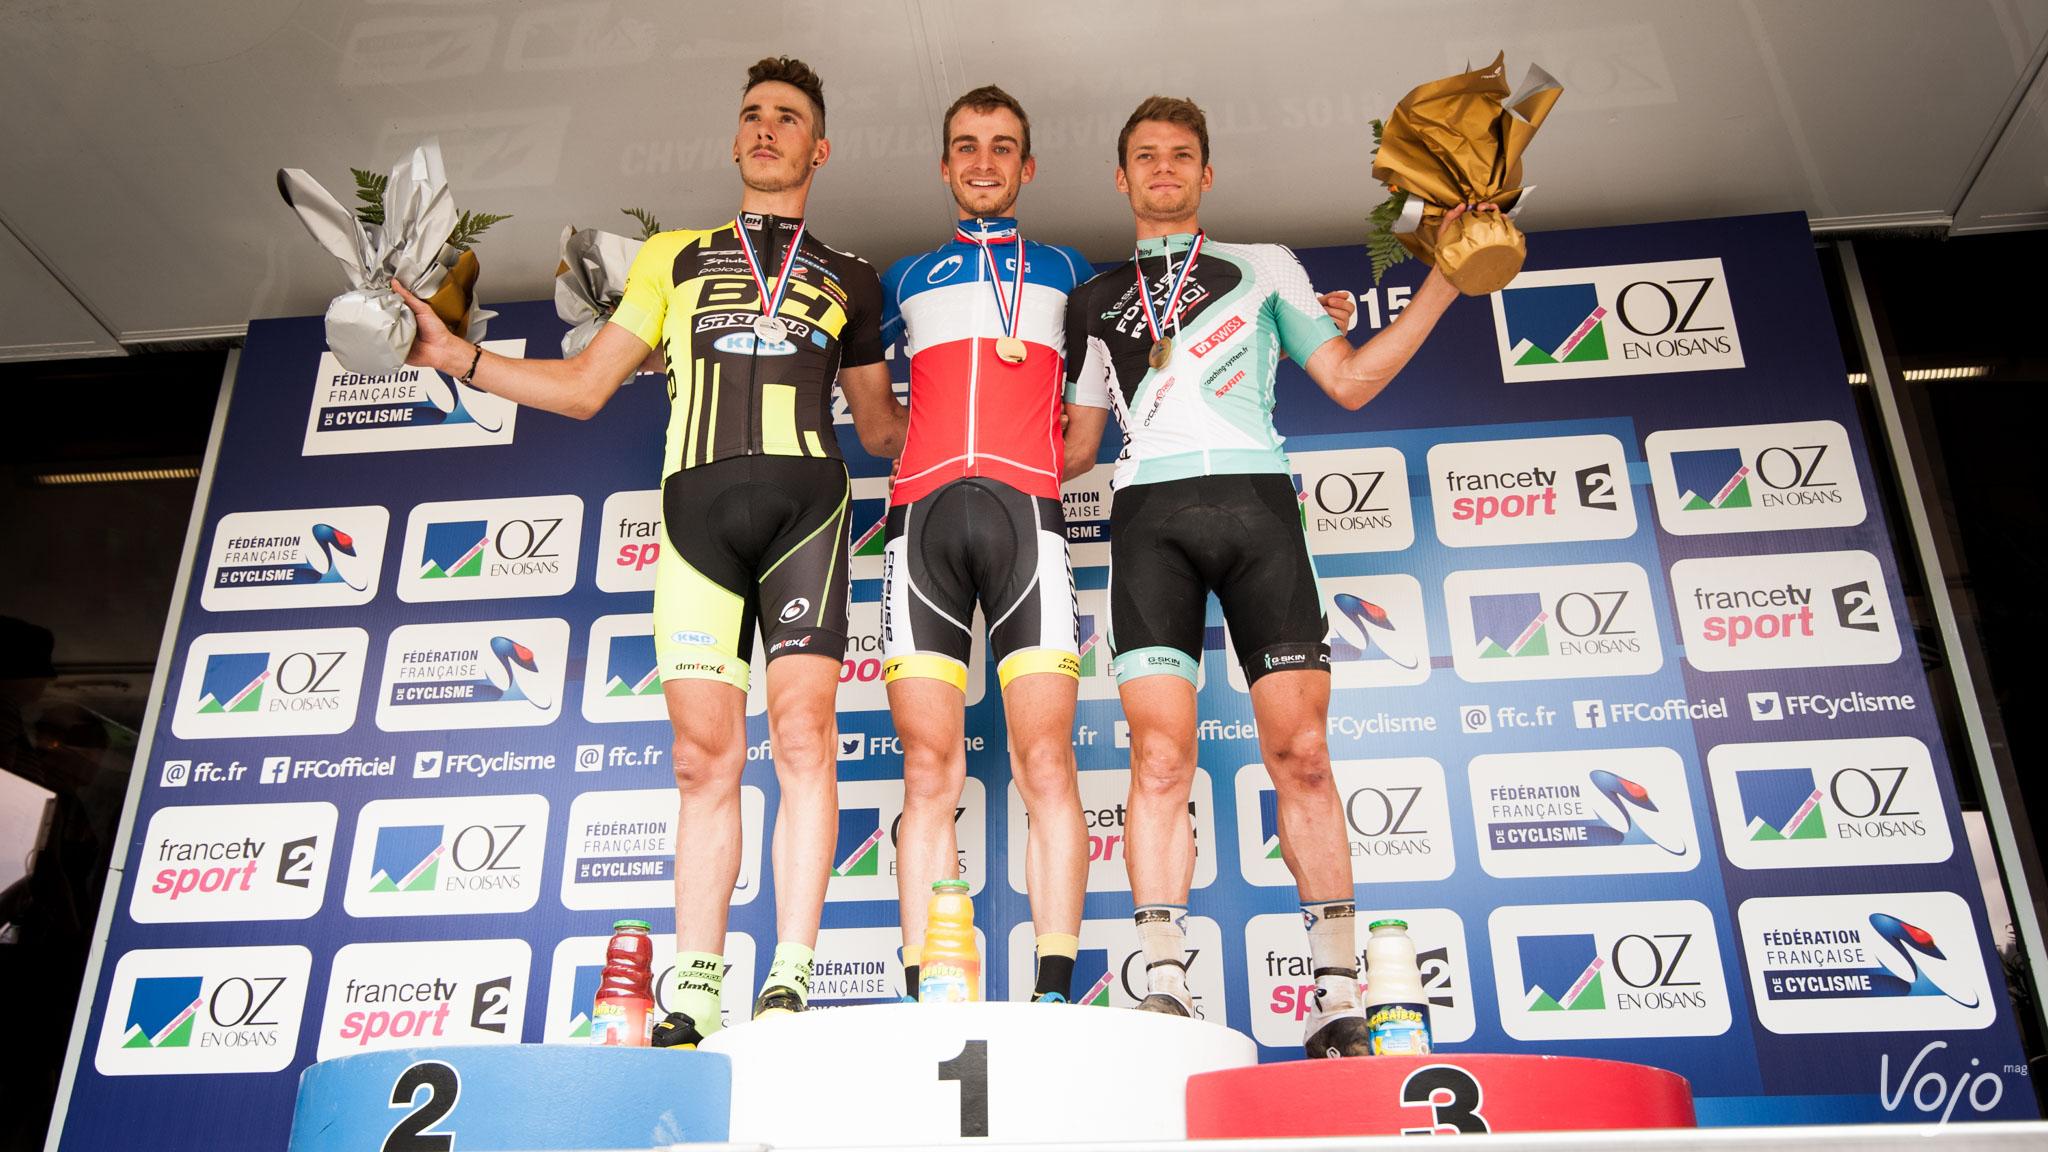 Championnats-de-france-2015-Oz-XC-resulats